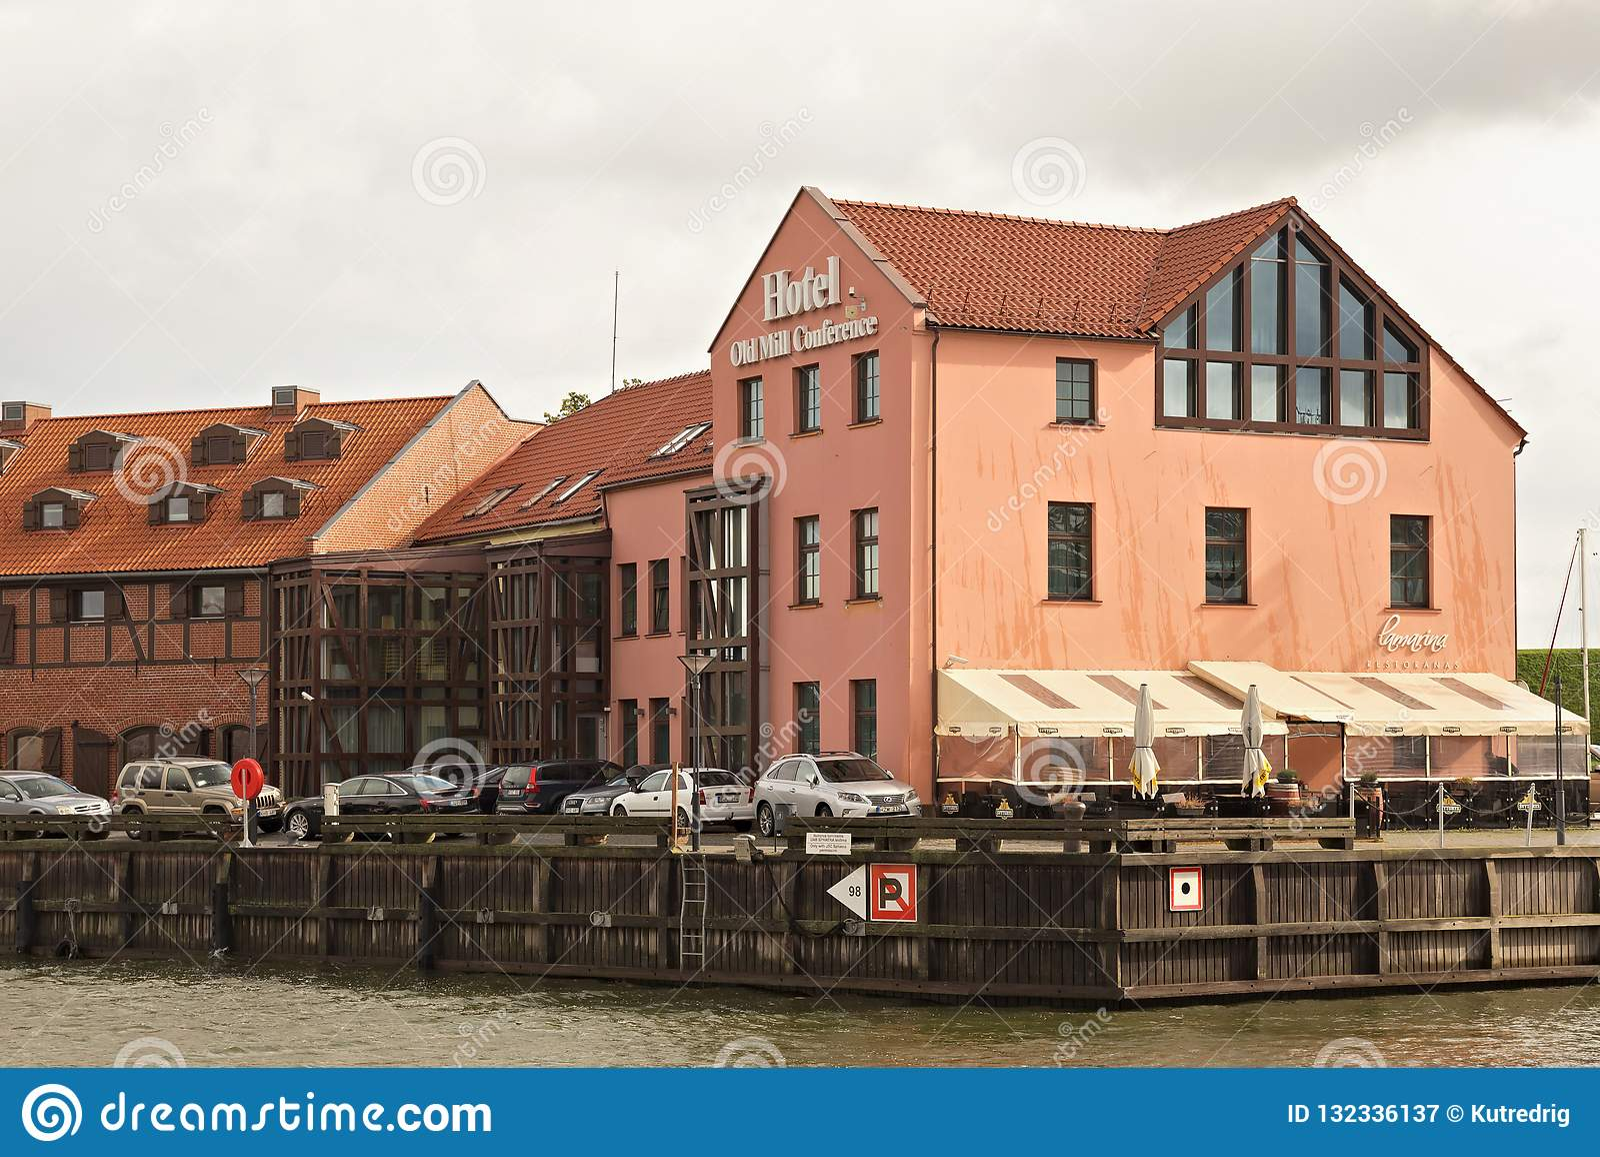 KLAIPEDA LITHUANIA, WRZESIEŃ, - 22, 2018: Widok jeden budynek Hotelowa Stara Młyńska konferencja blisko duńczyk rzeki